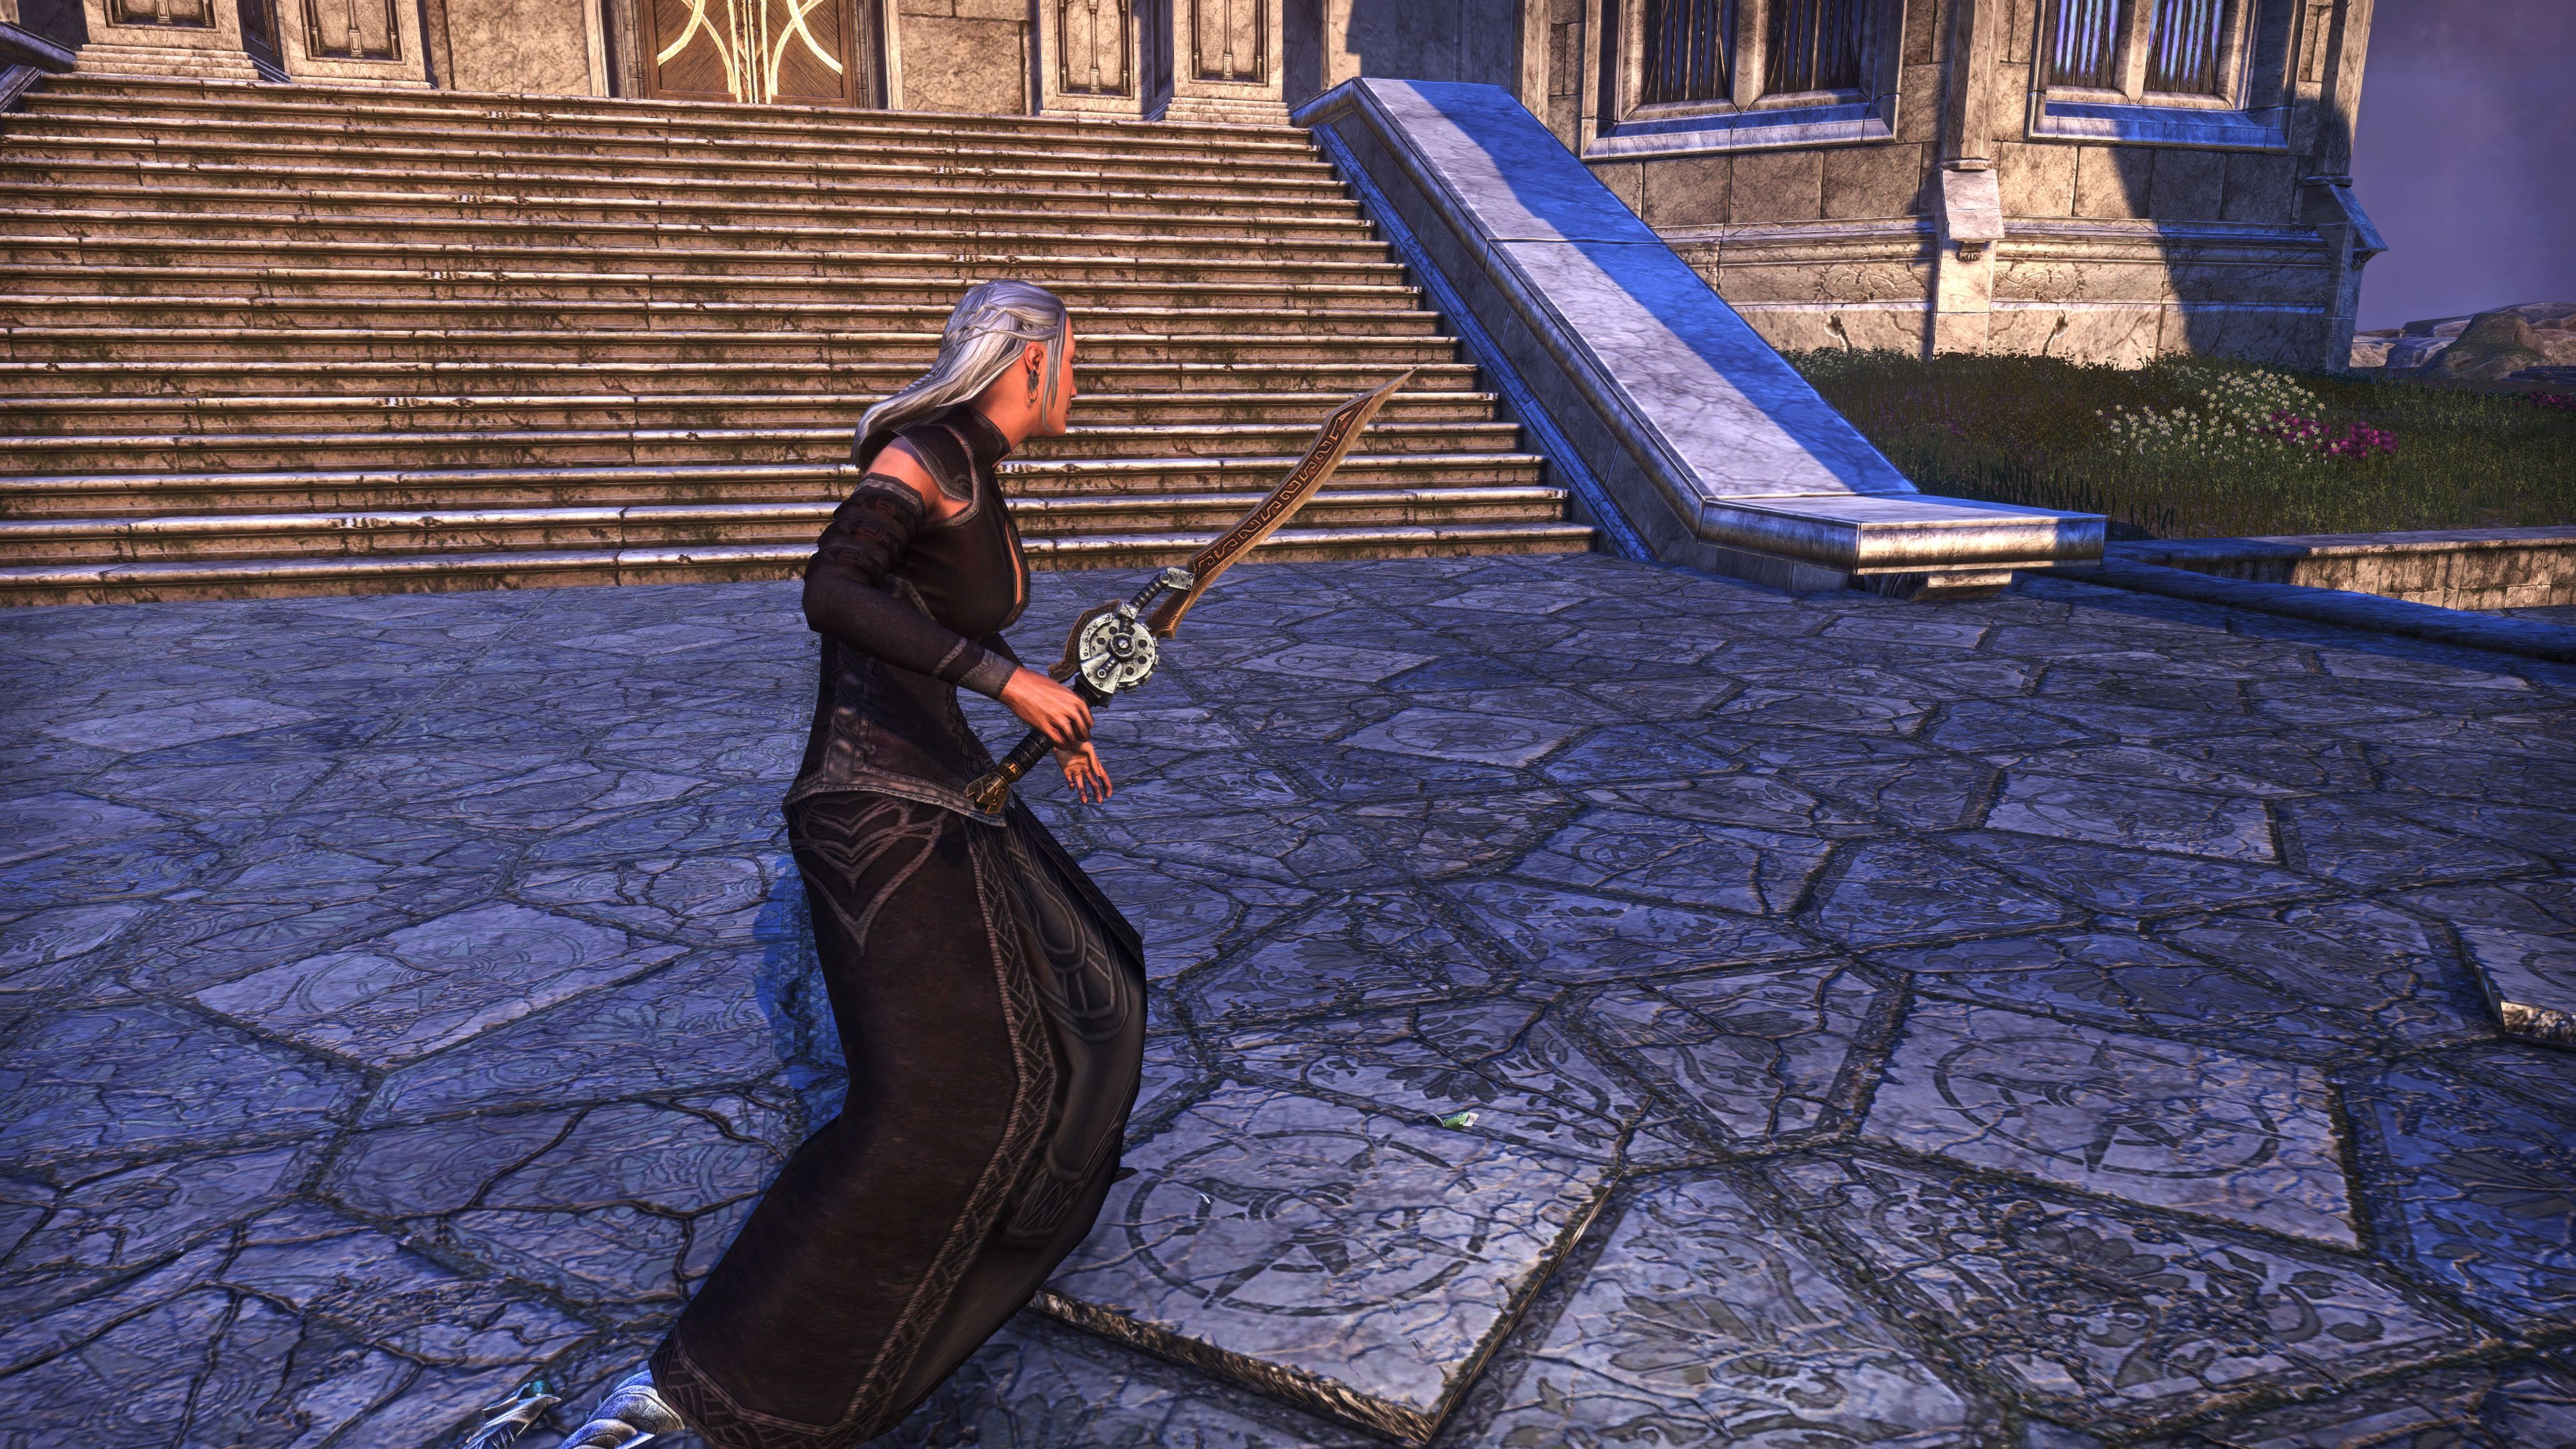 Dwarven Remnant Sword (Weapon Styles > One-Handed), Psijic Vault Crate, The Elder Scrolls Online